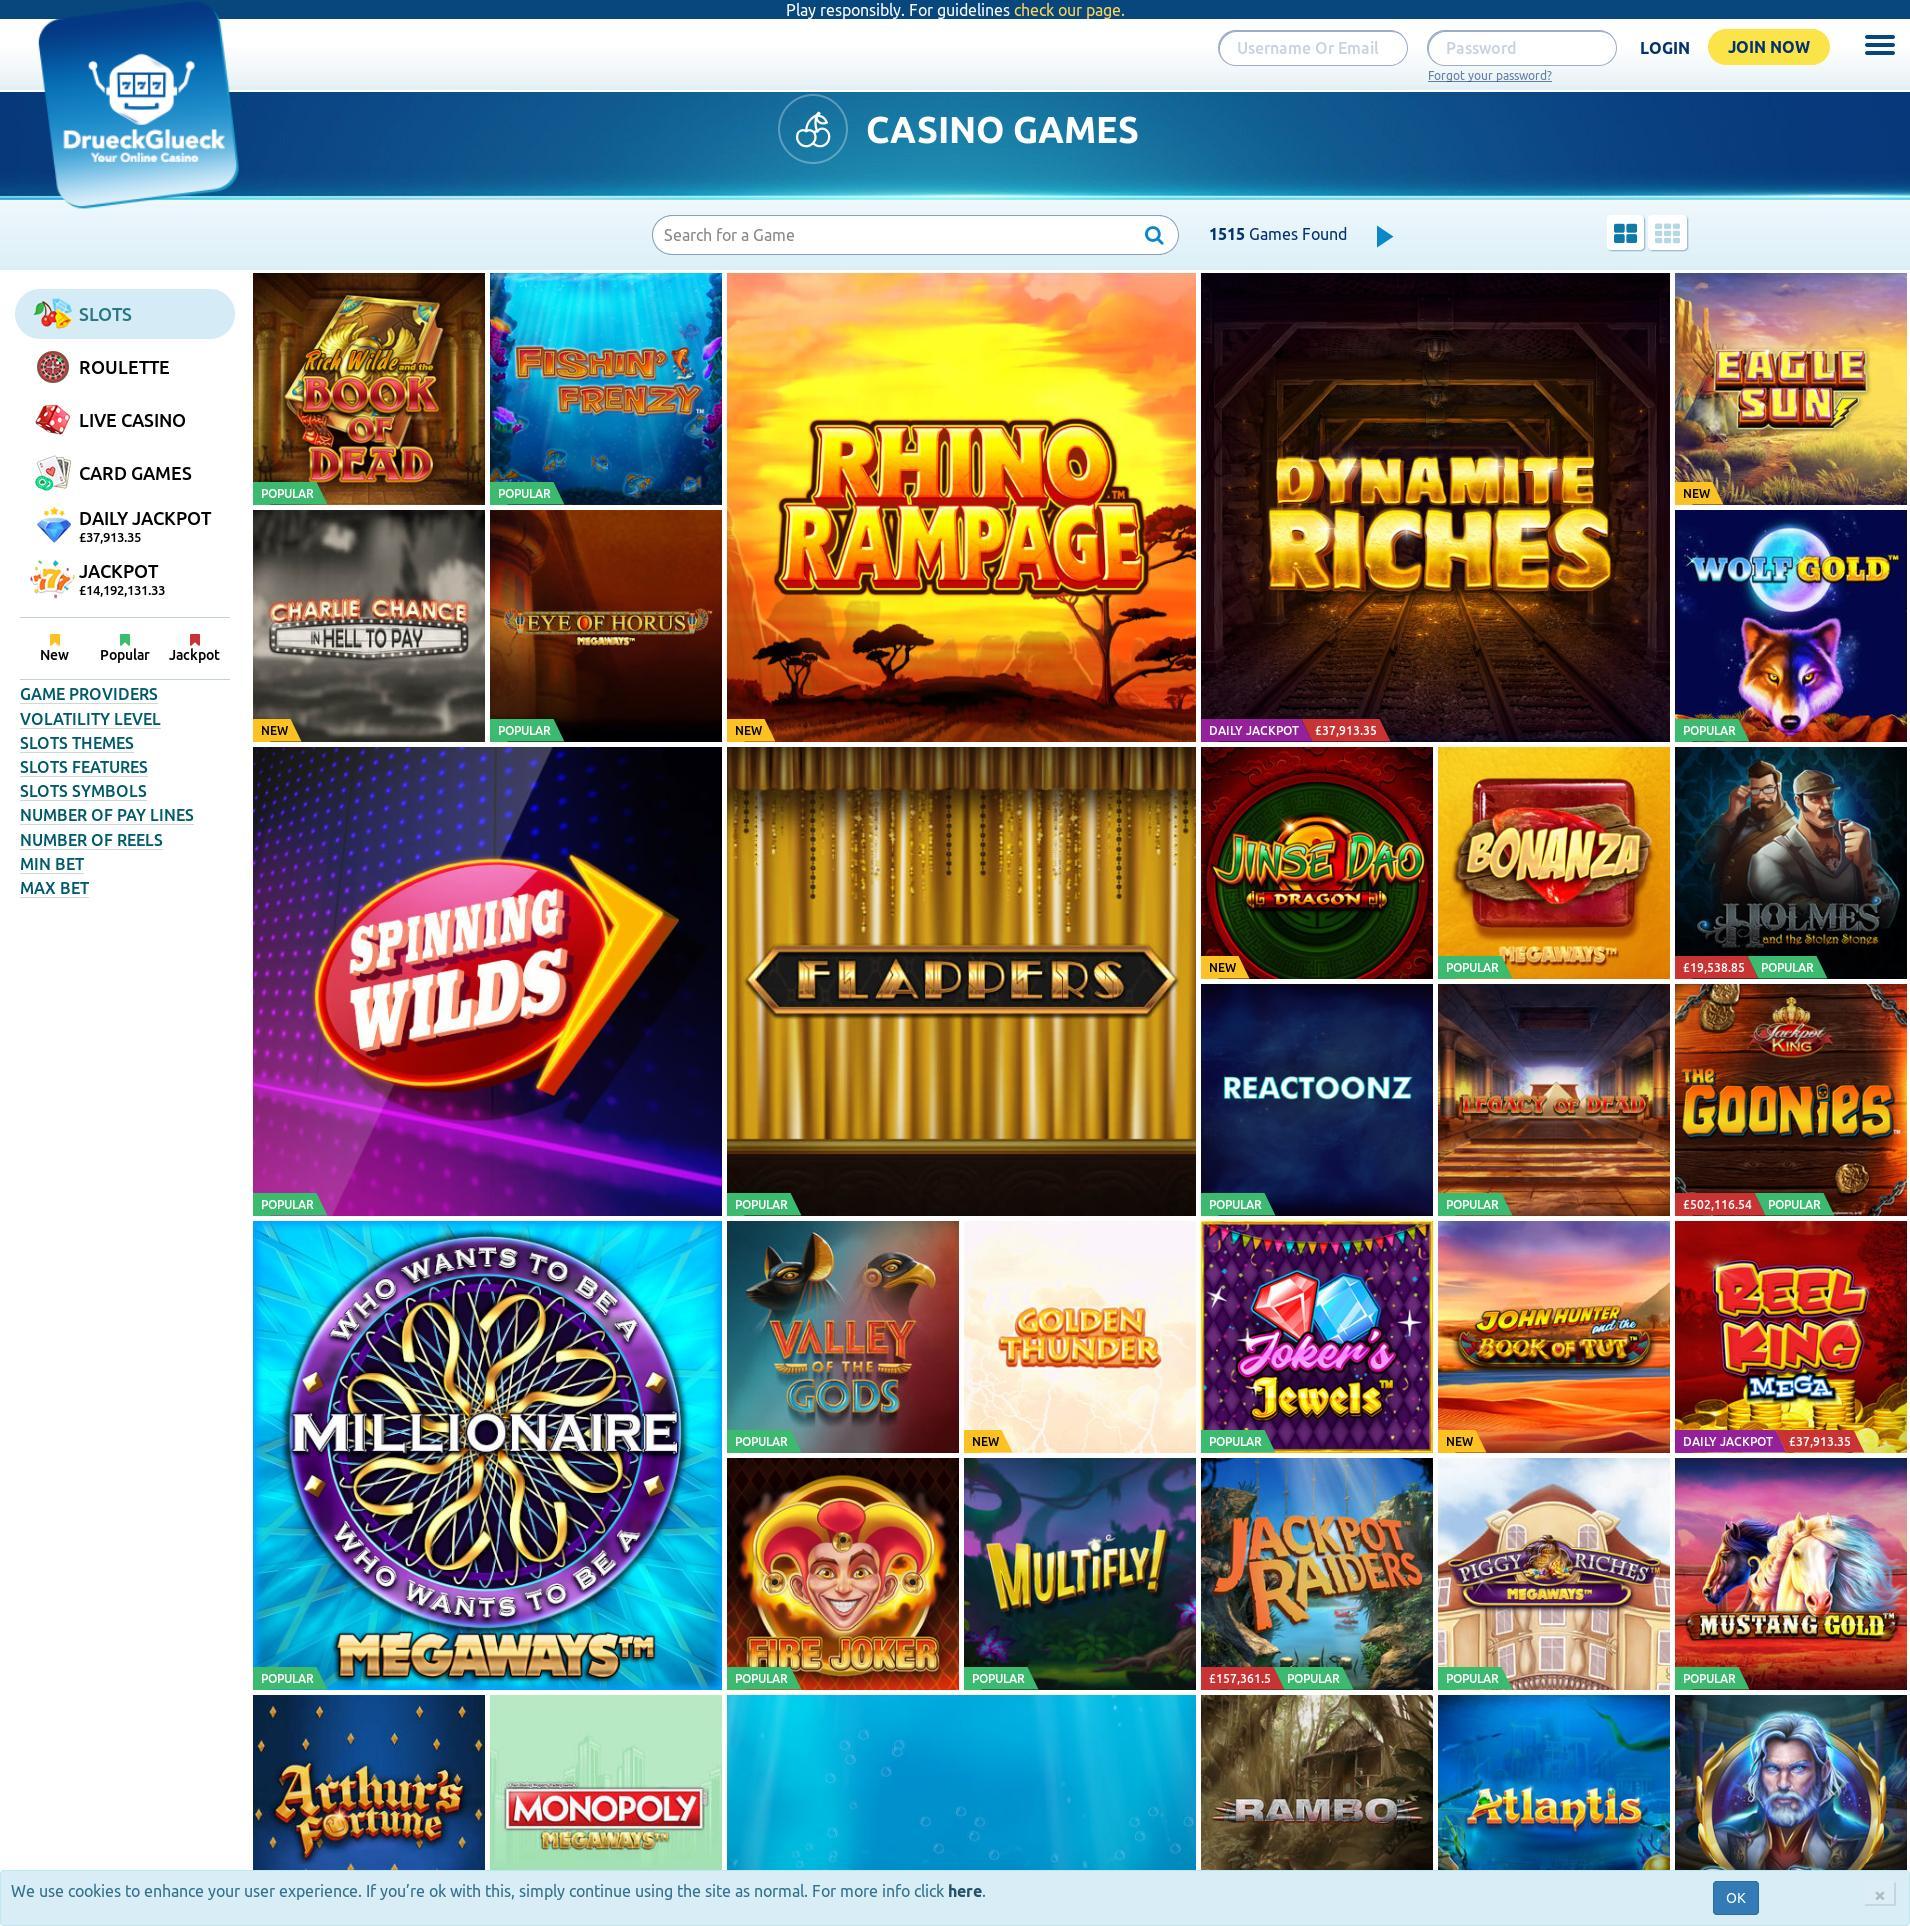 Casino Bildschirm Lobby 2020-06-05 zum Großbritannien